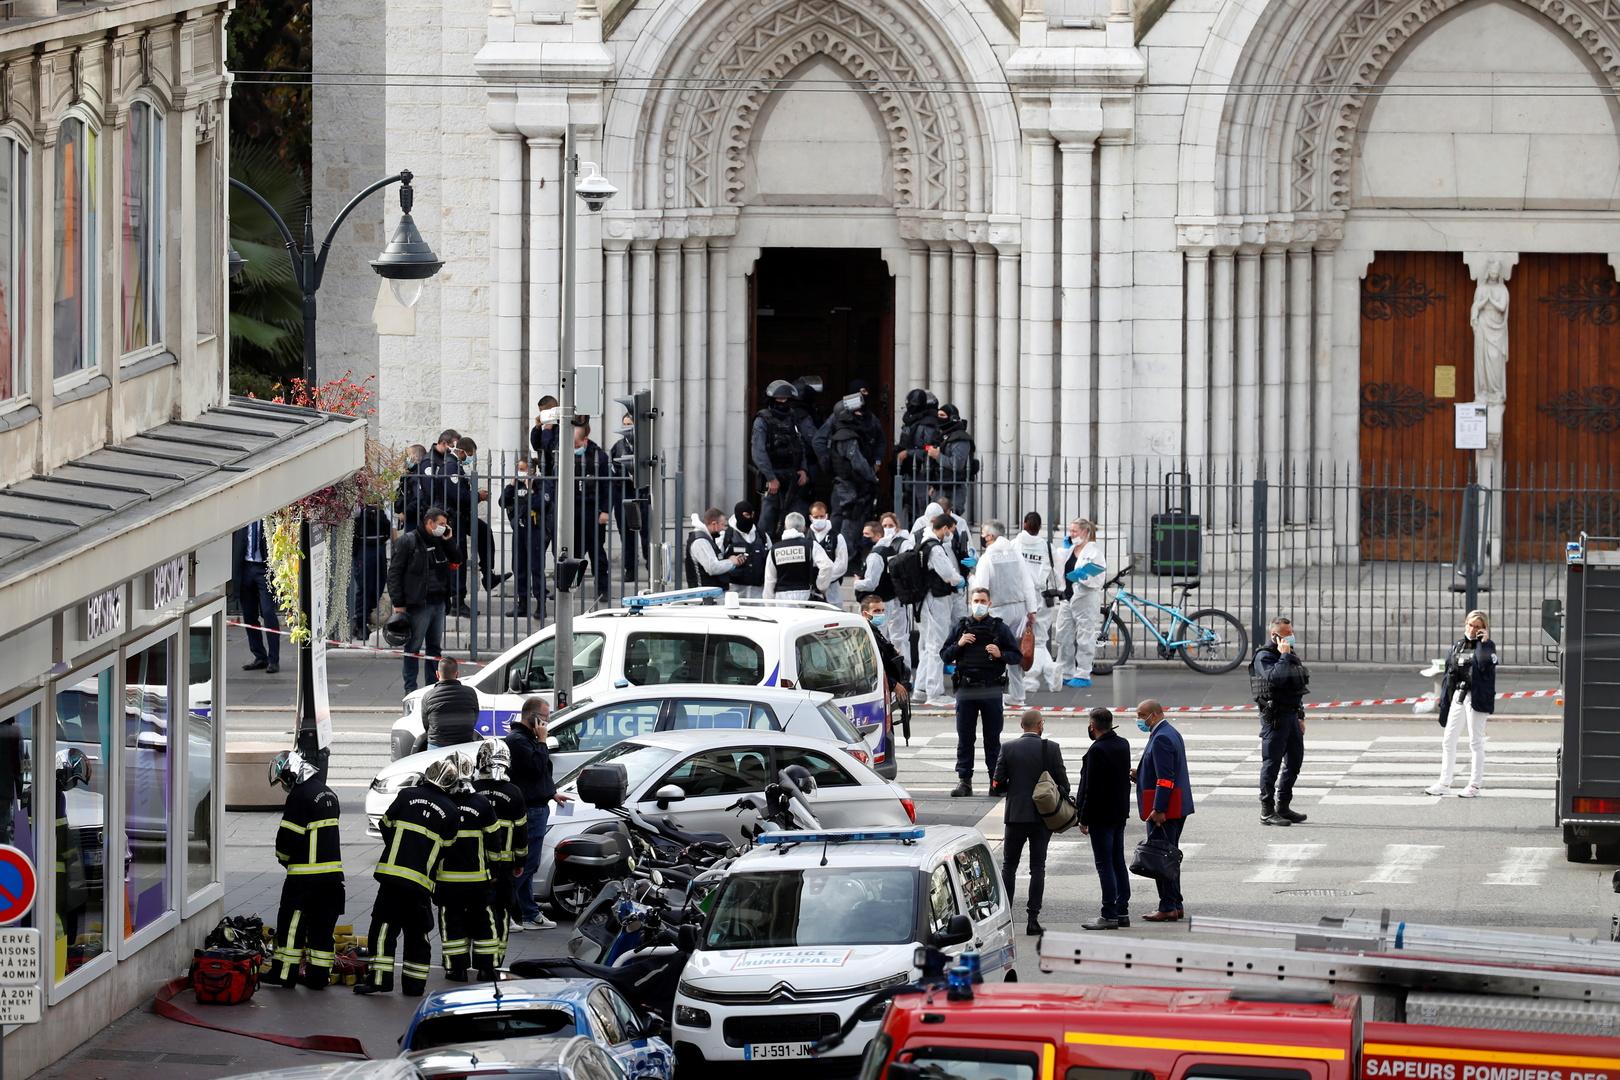 رئيس وزراء هولندا للشعب الفرنسي بعد هجوم نيس: